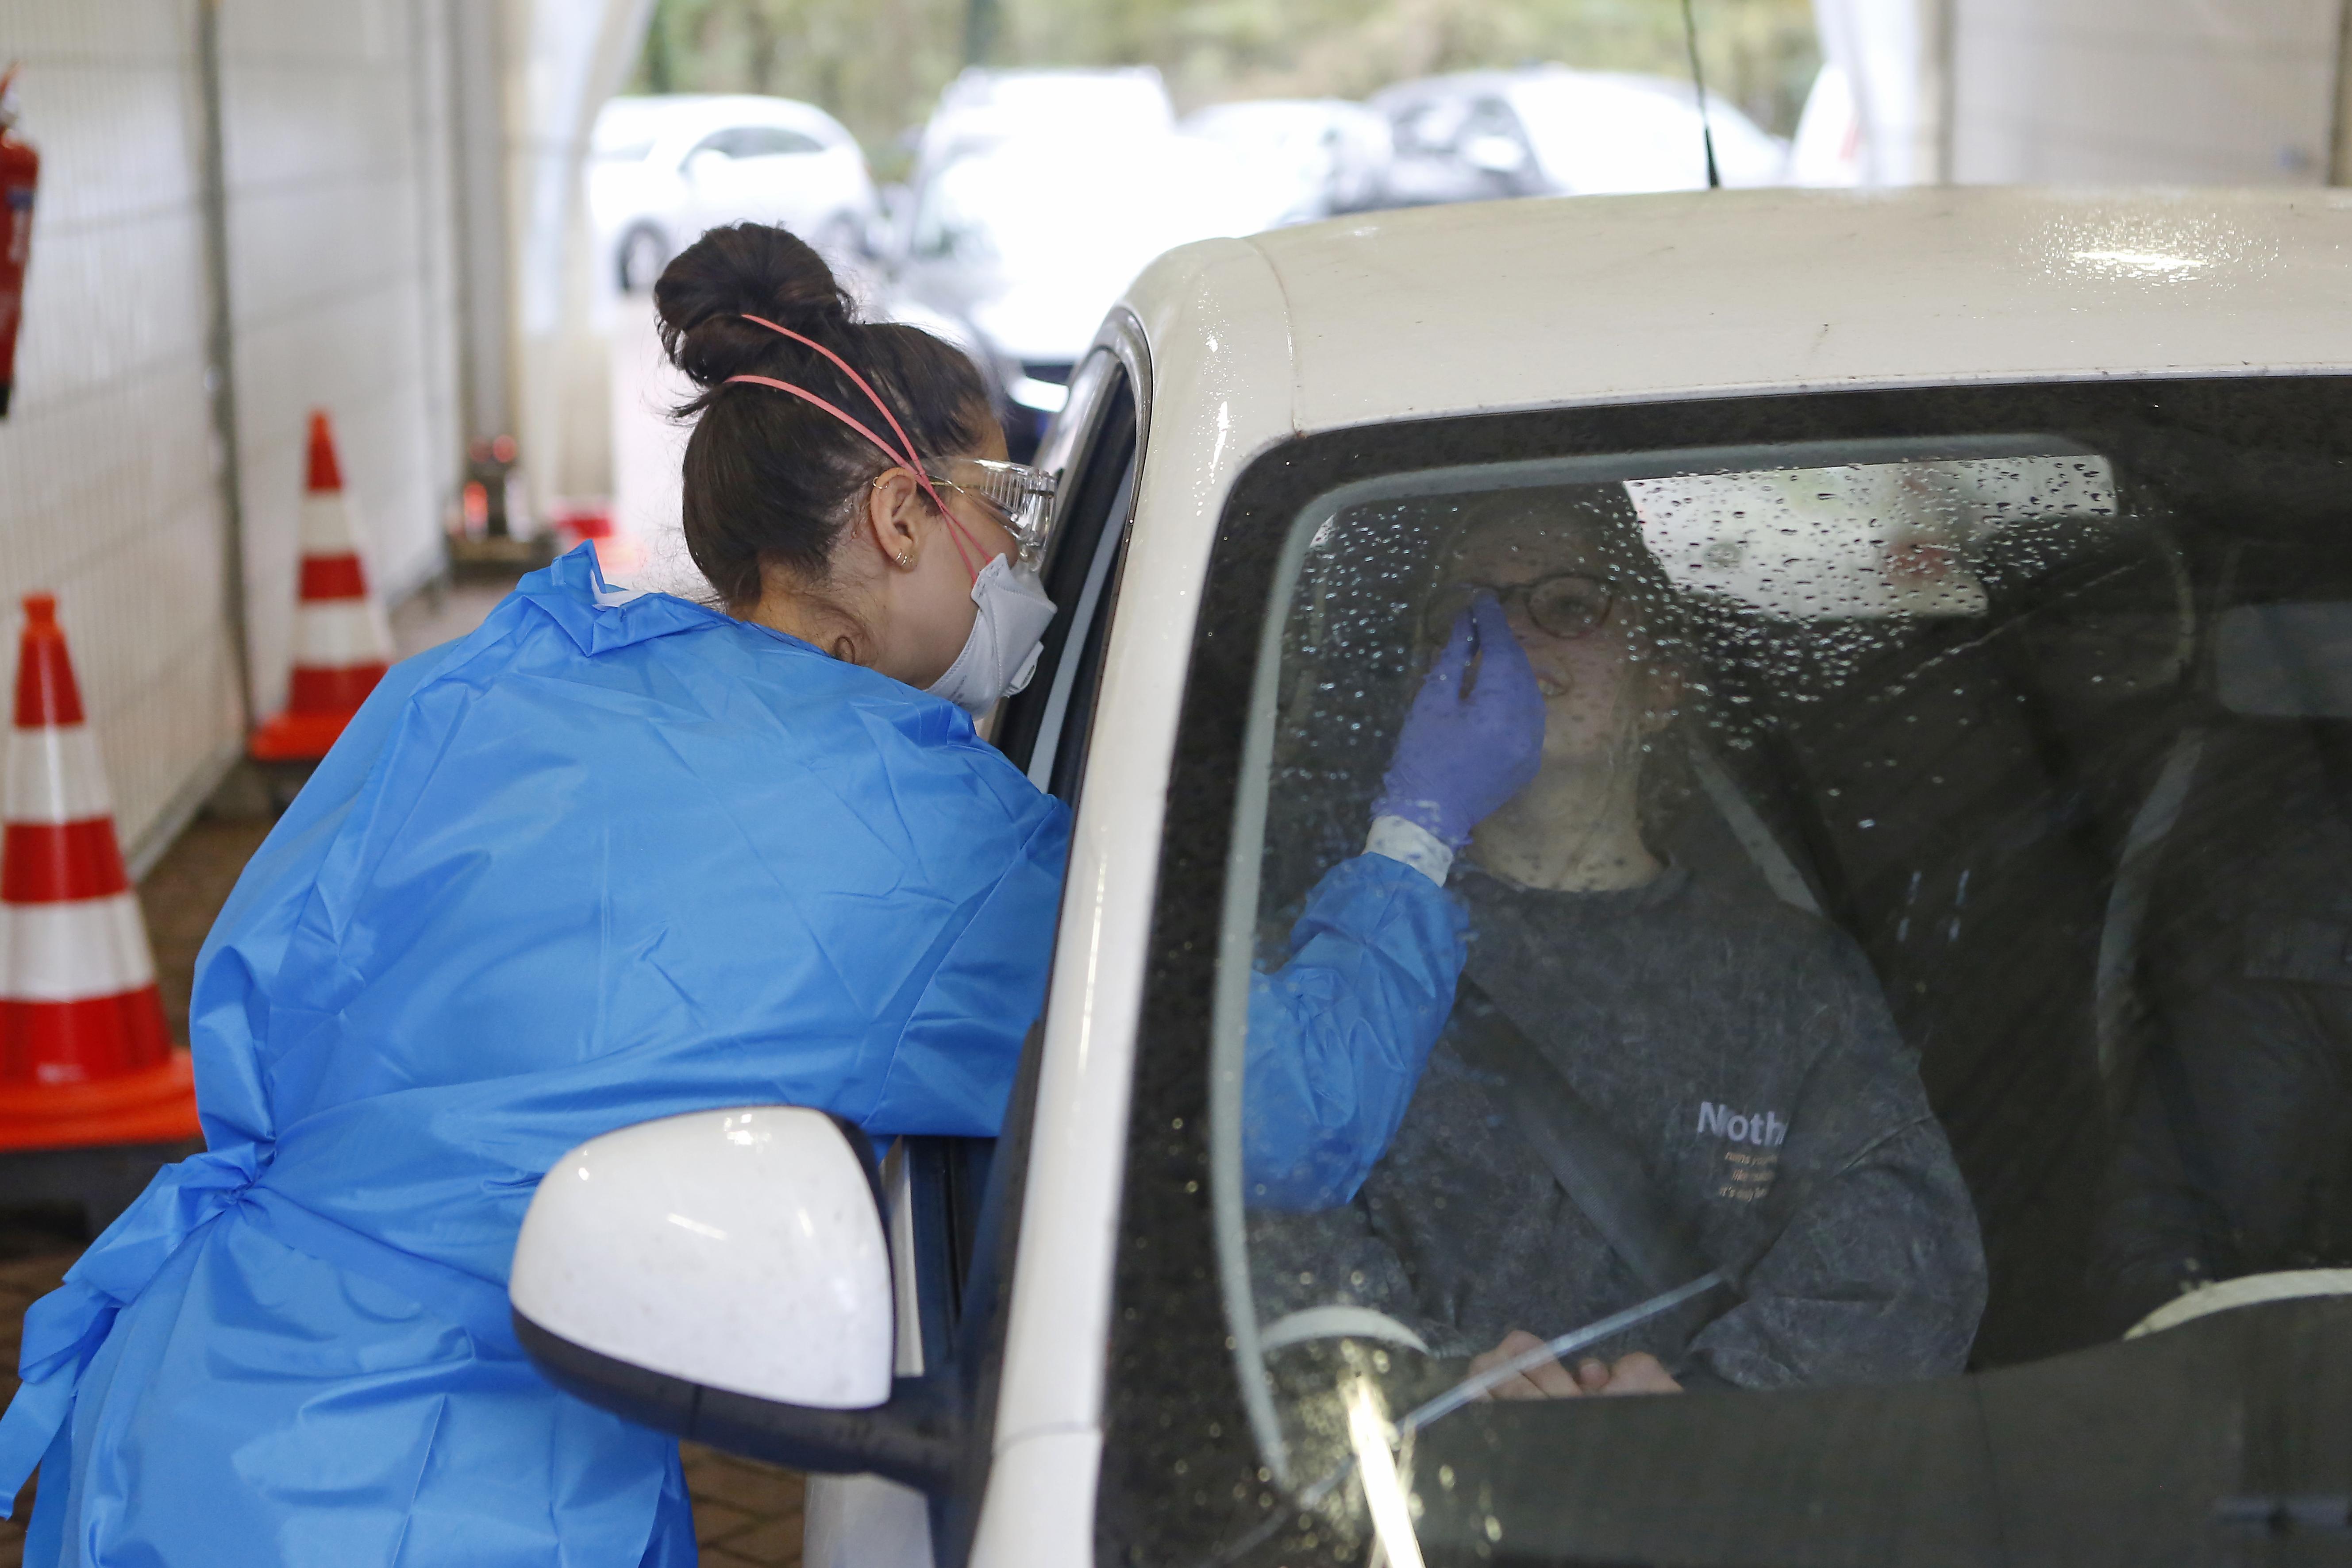 Minder besmettingen in Gooi en Vechtstreek; 'Maar juich niet te vroeg; we houden serieus rekening met een stijging door Black Friday'